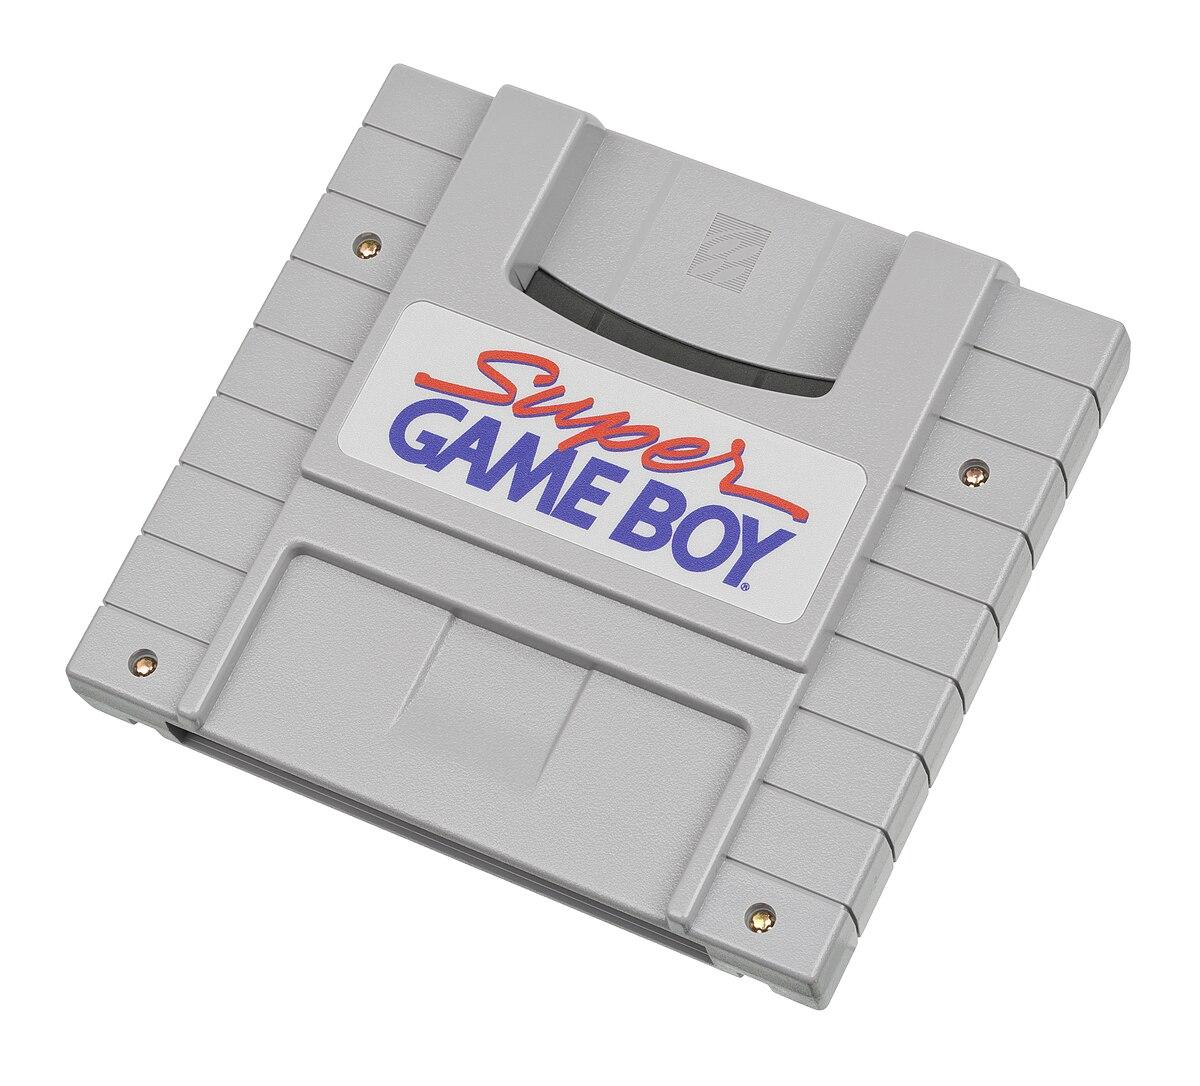 Super Game Boy - Wikipedia